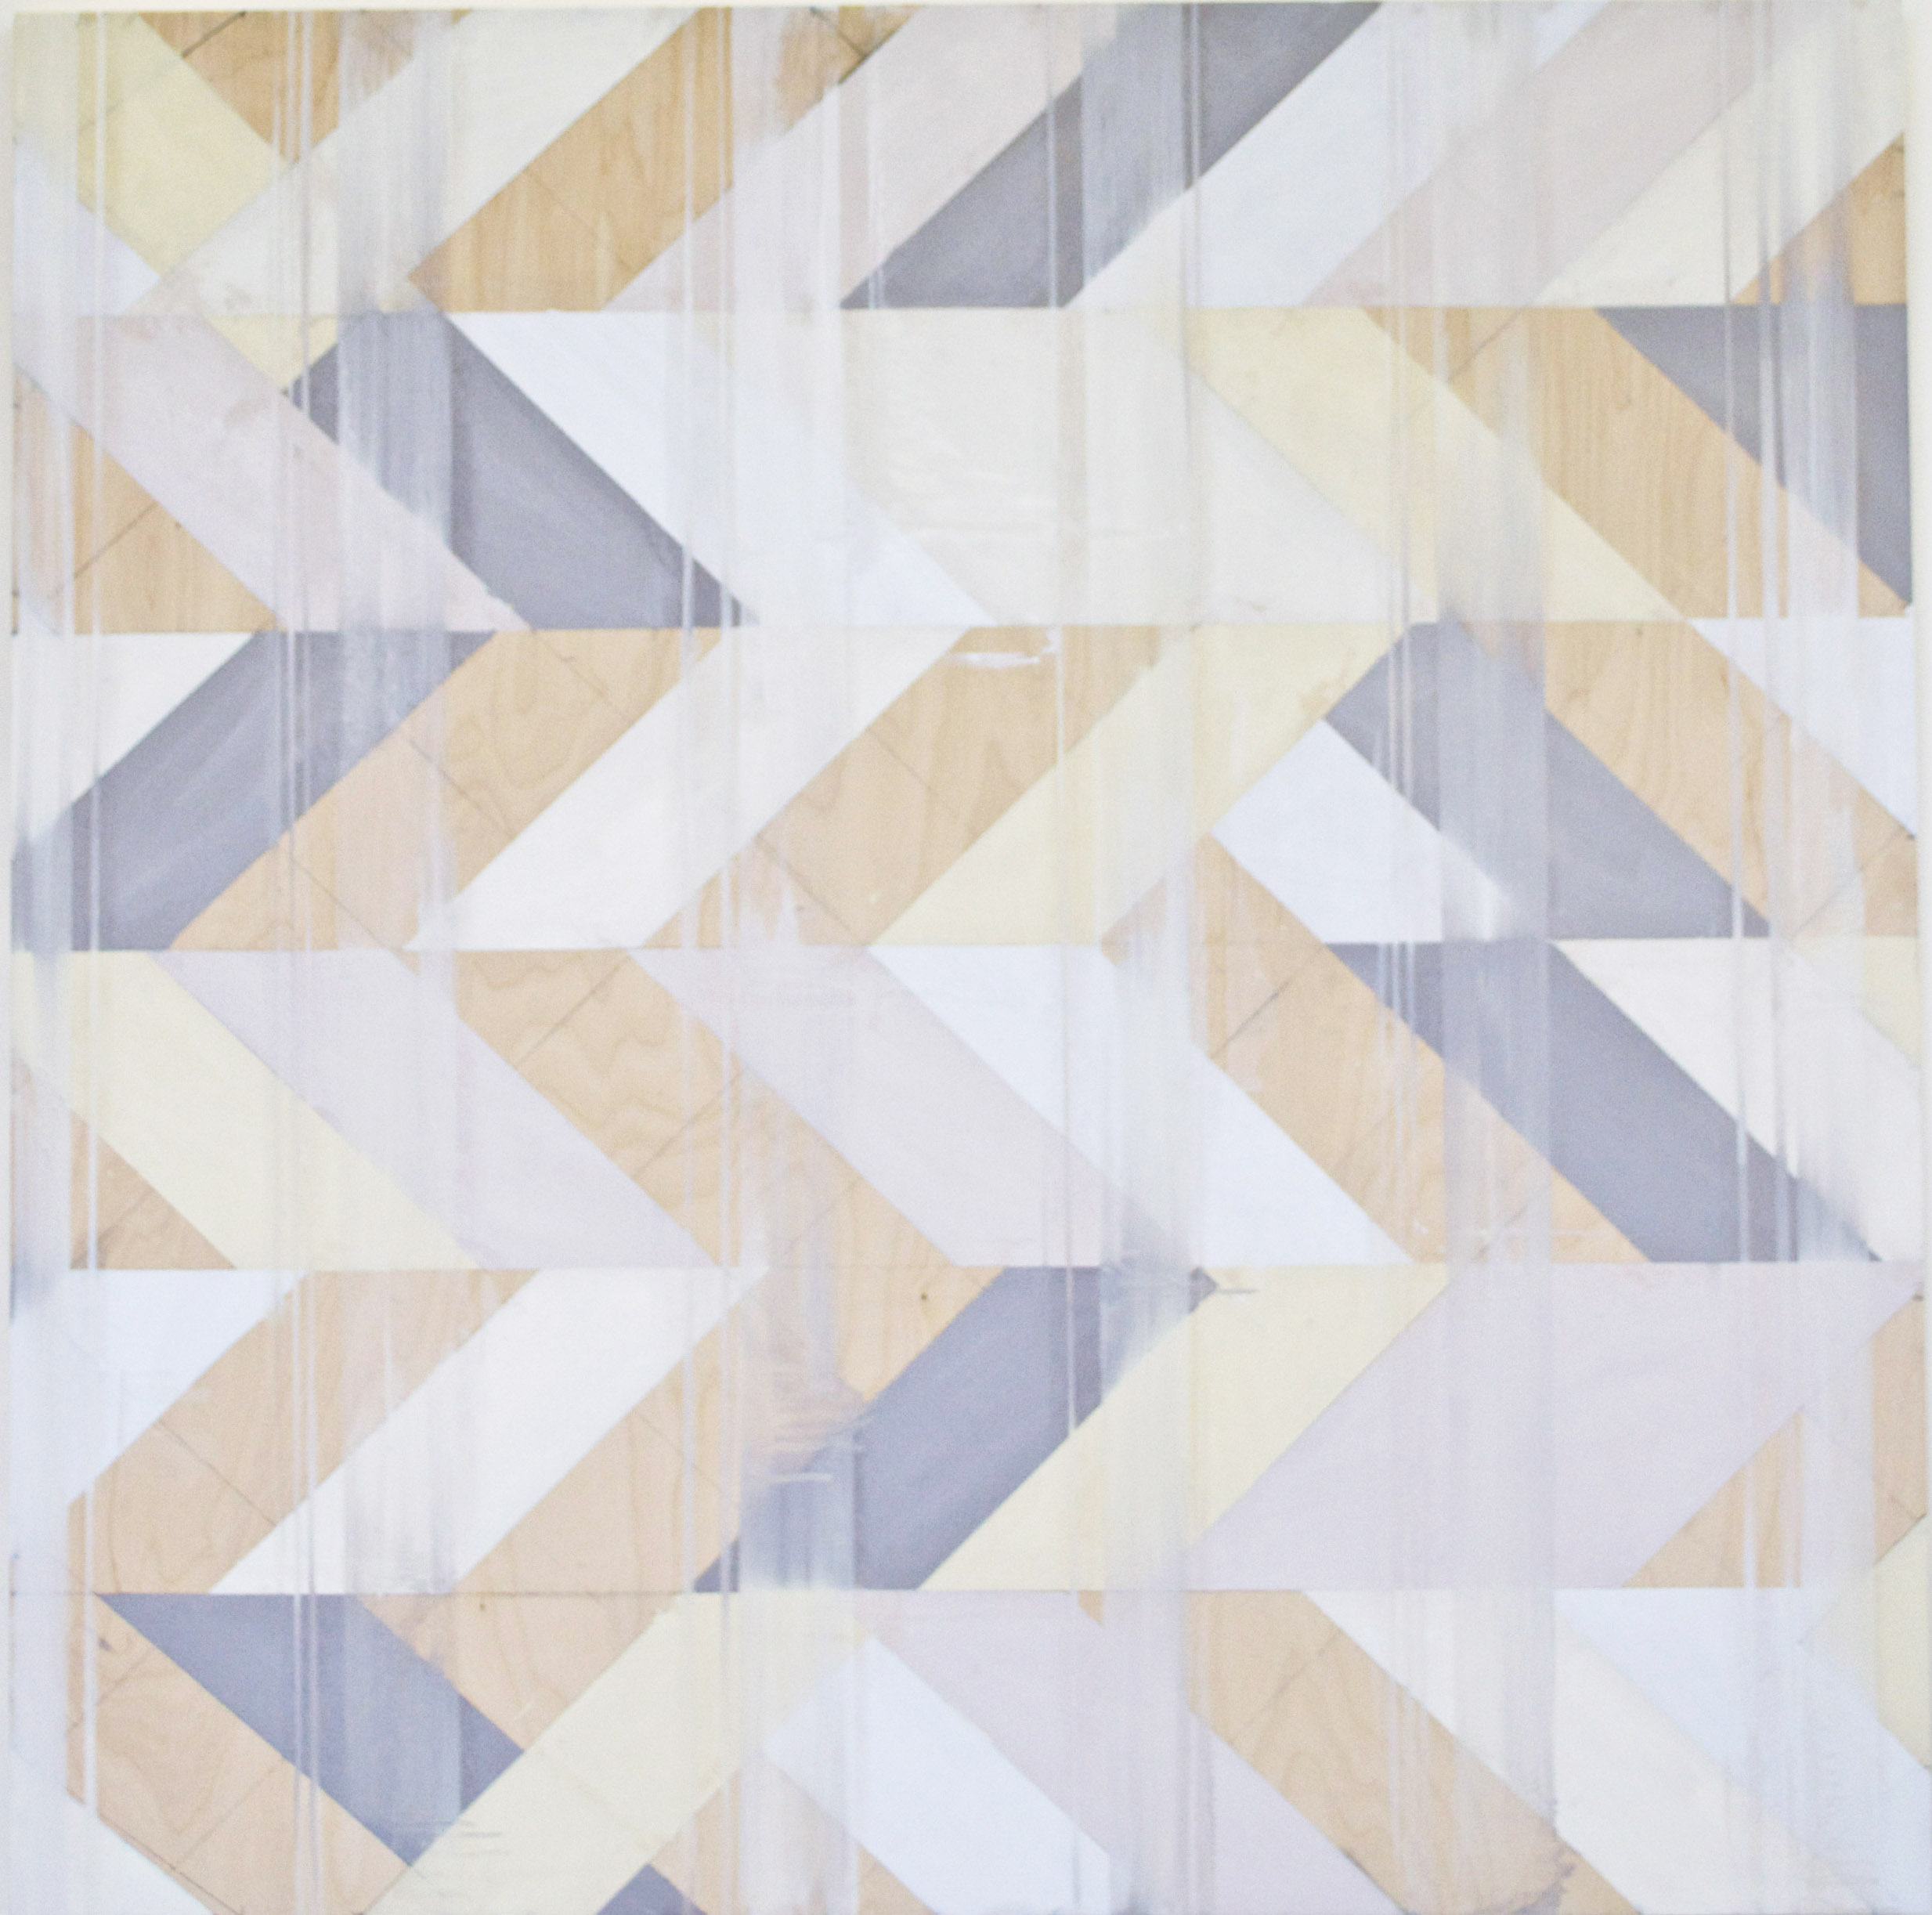 02_Untitled Whites_Oil on Wood Panel_48x48_1500.jpg